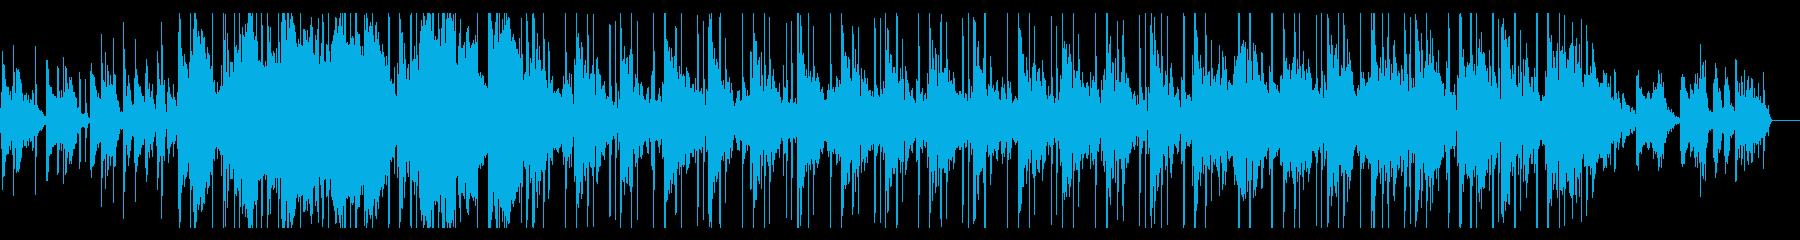 Tremoloの再生済みの波形